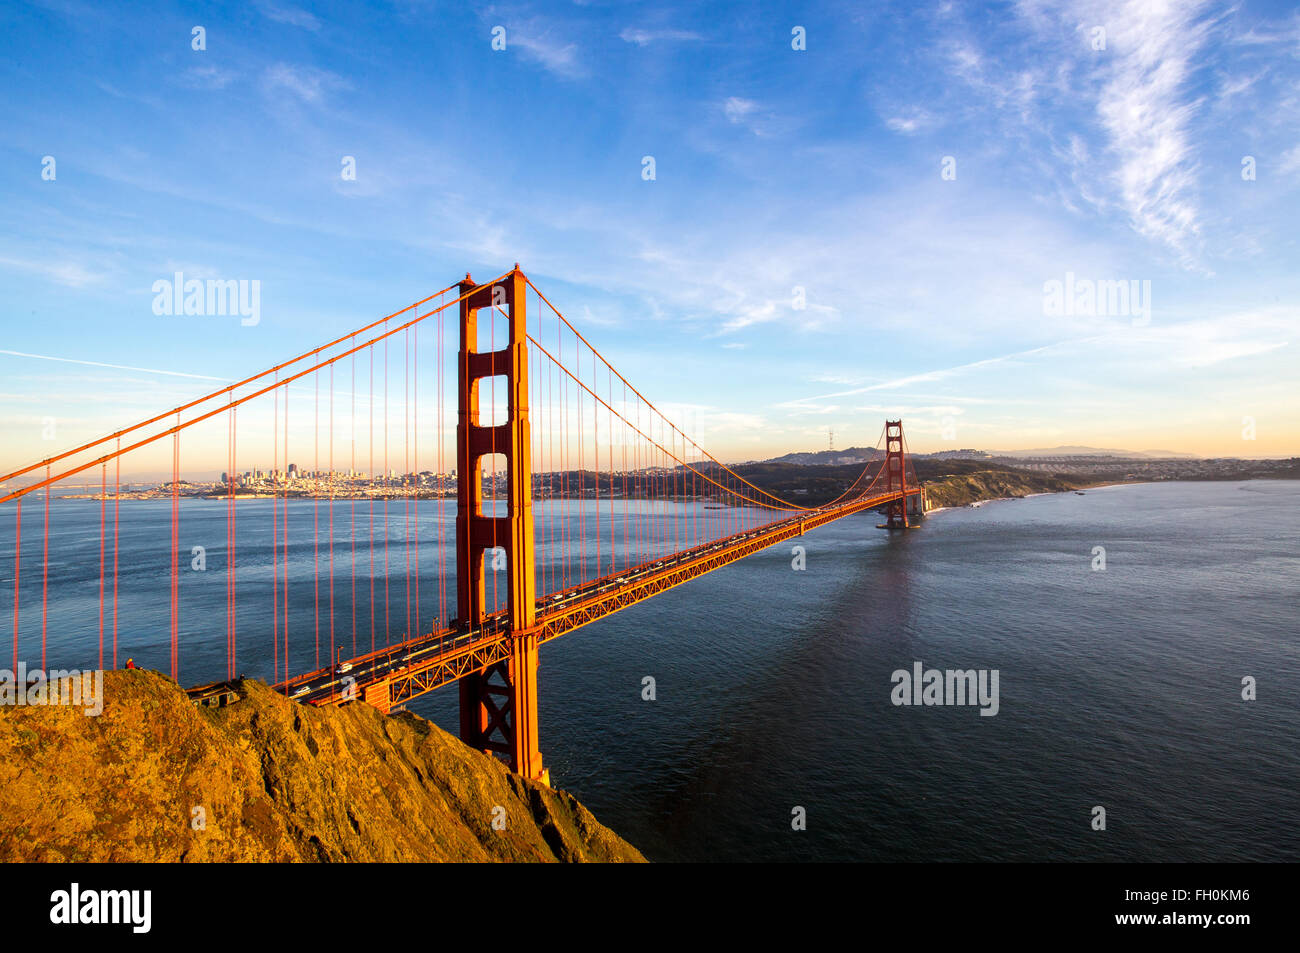 Sunny Blue Skies al di sopra dello skyline di San Francisco con la mitica Golden Gate bridge Immagini Stock